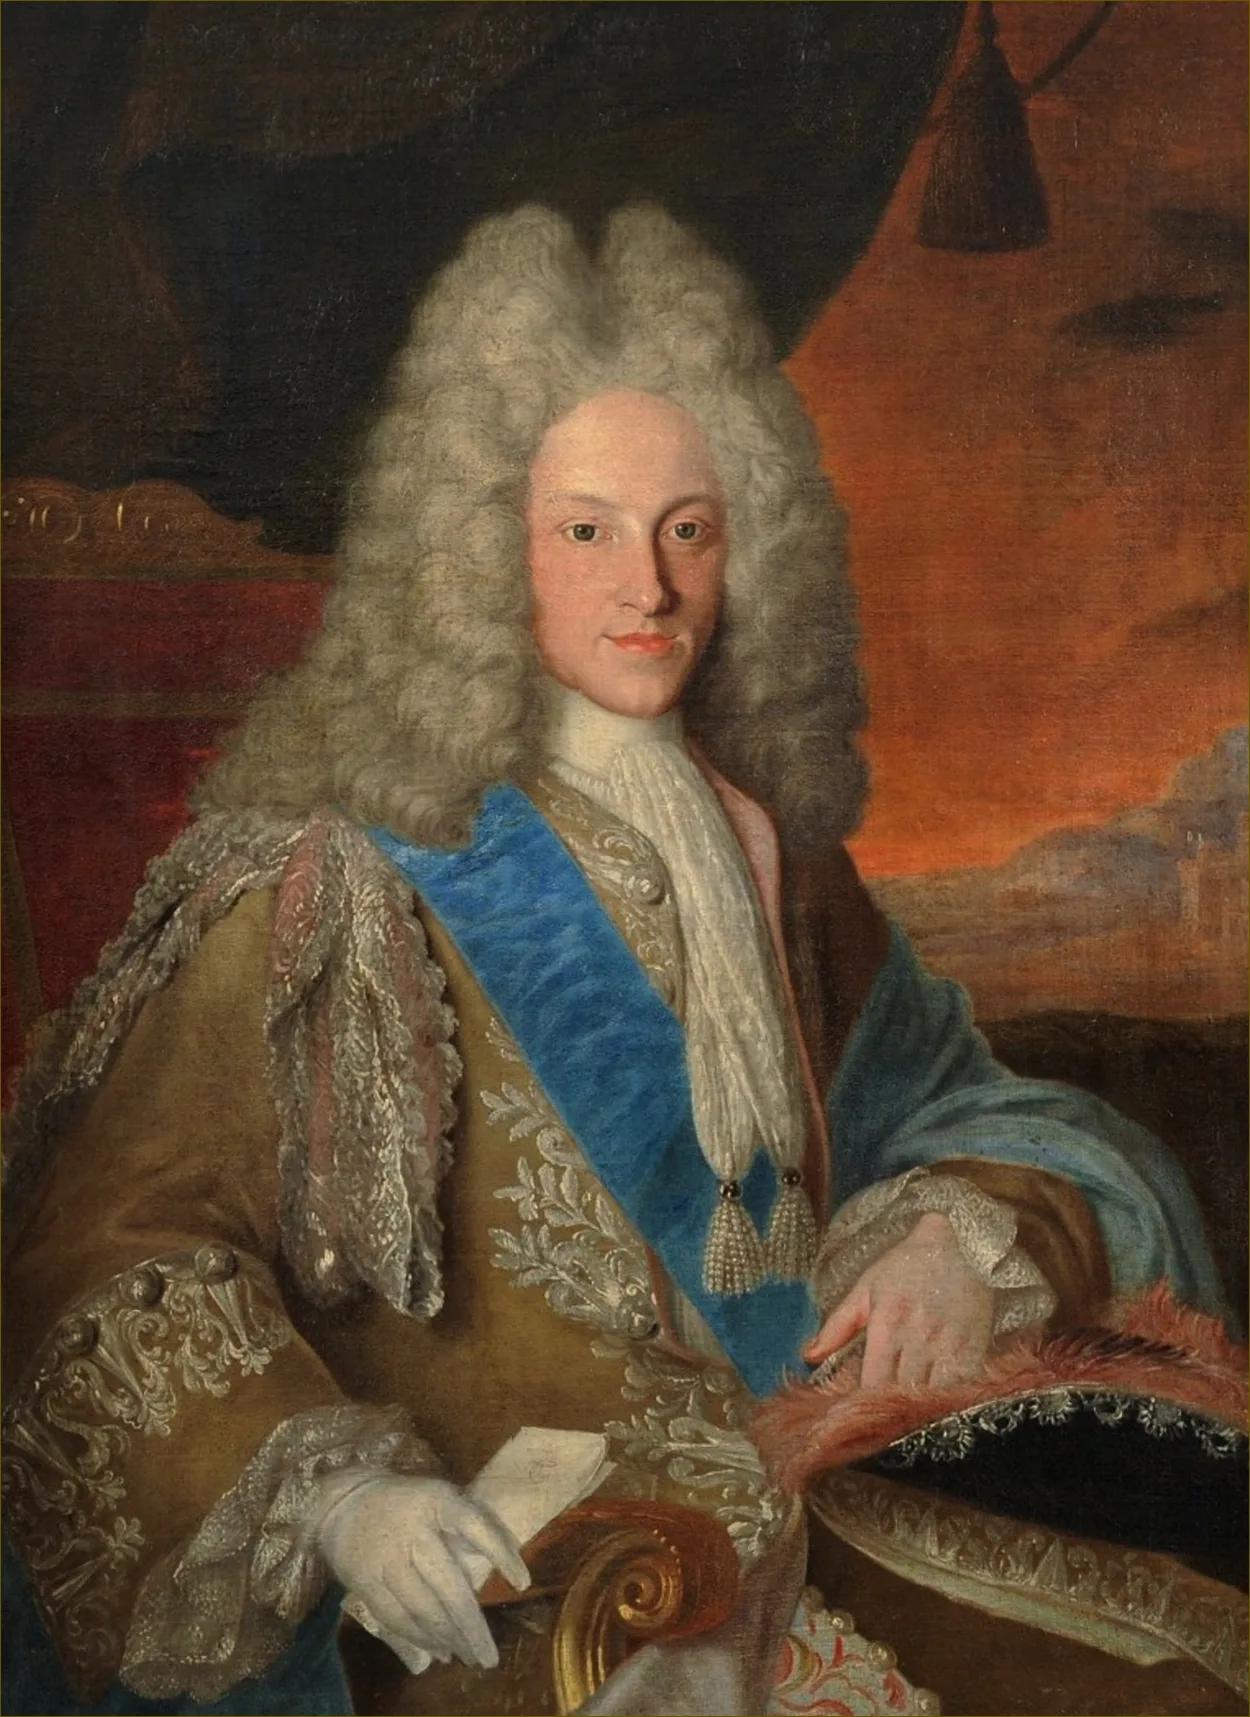 Филипп V — портрет кисти Жана Ранка